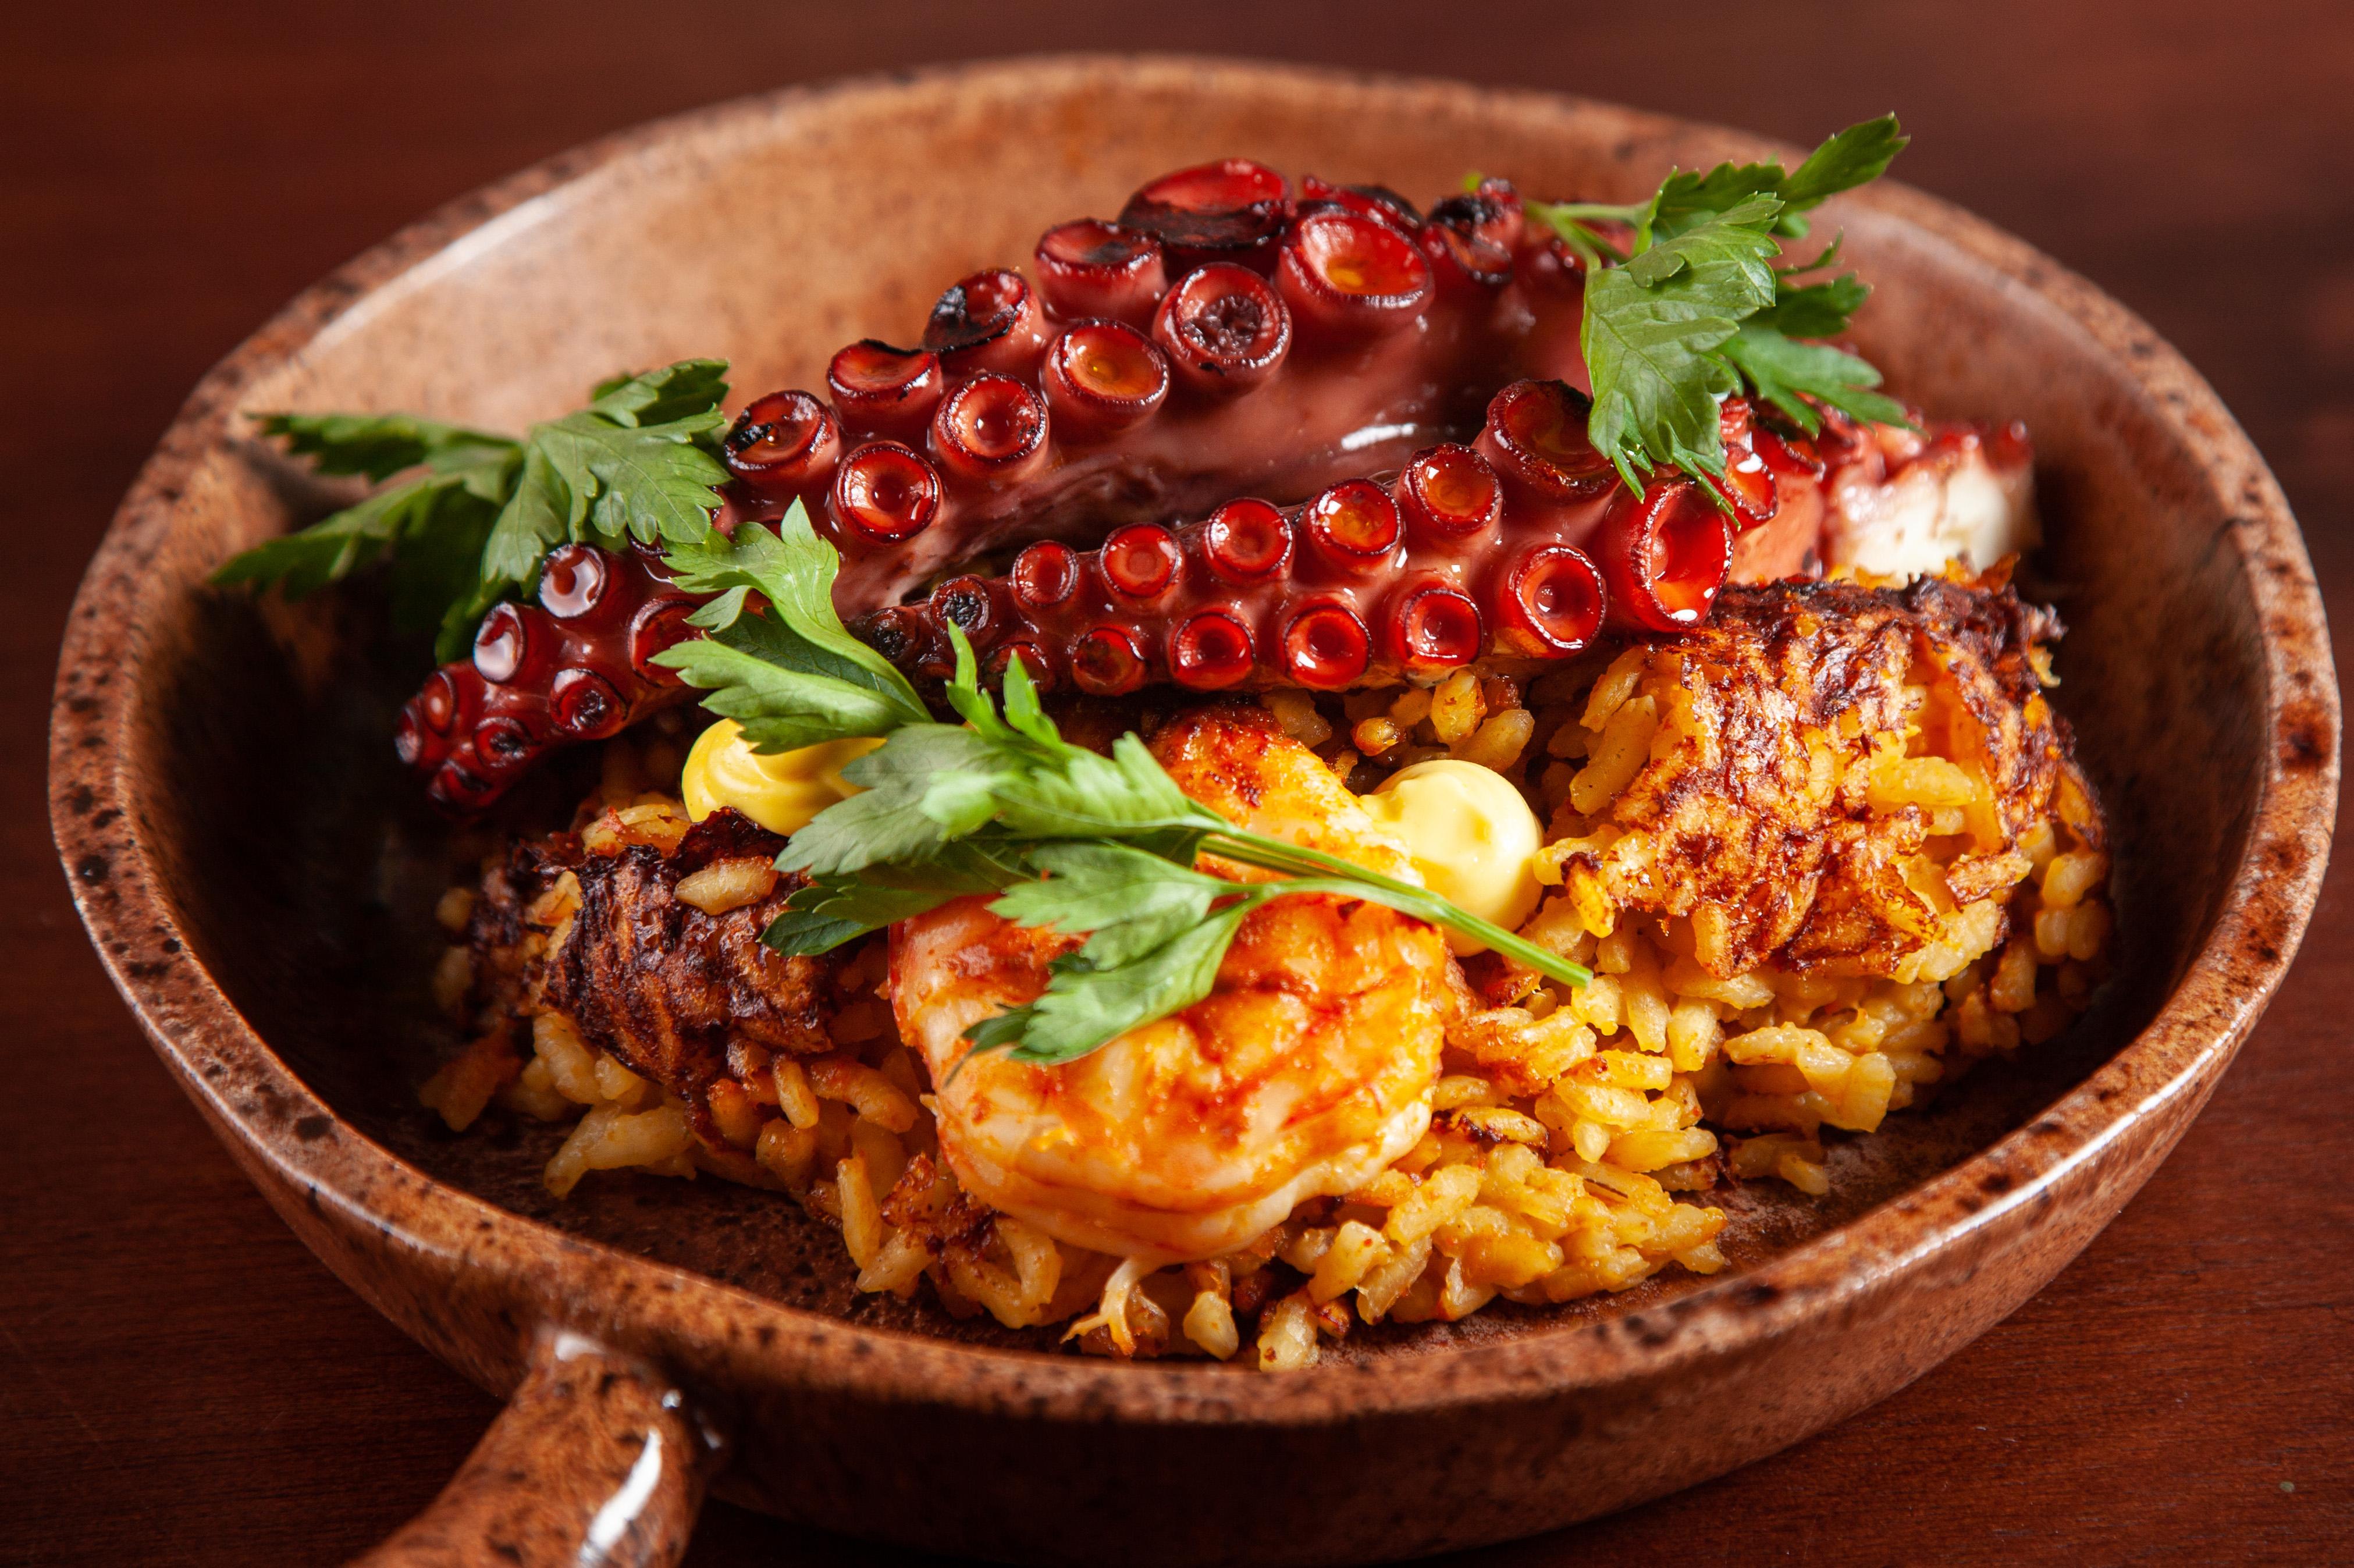 Em uma cumbuca funda e de cor marrom, é servido o prato junto de arroz, camarões e dois tentáculos de polvo